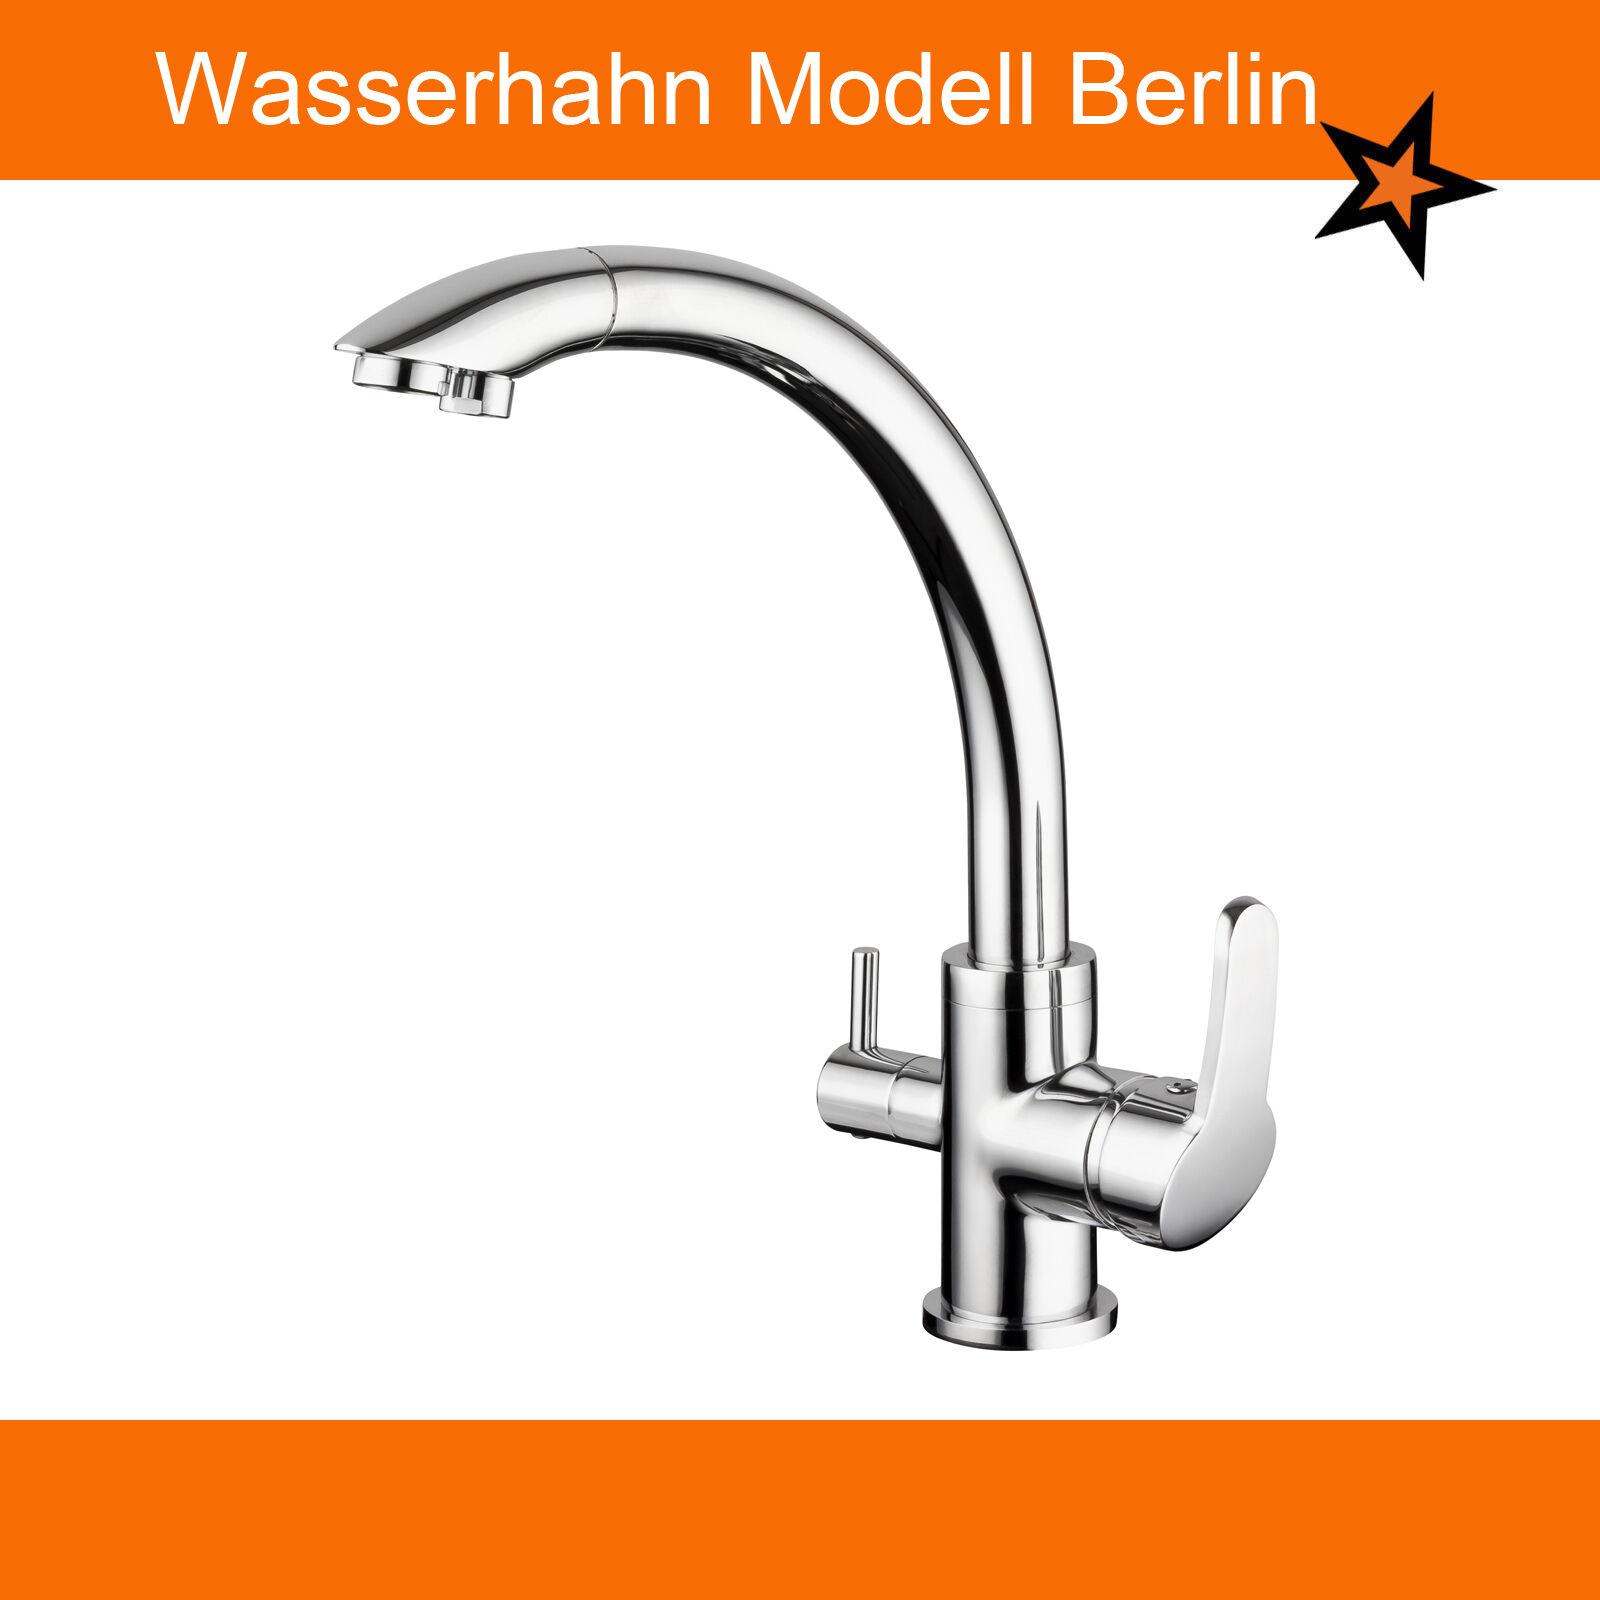 3 Wege Wasserarmatur. Wasserhahn auch für Osmoseanlagen geeignet.